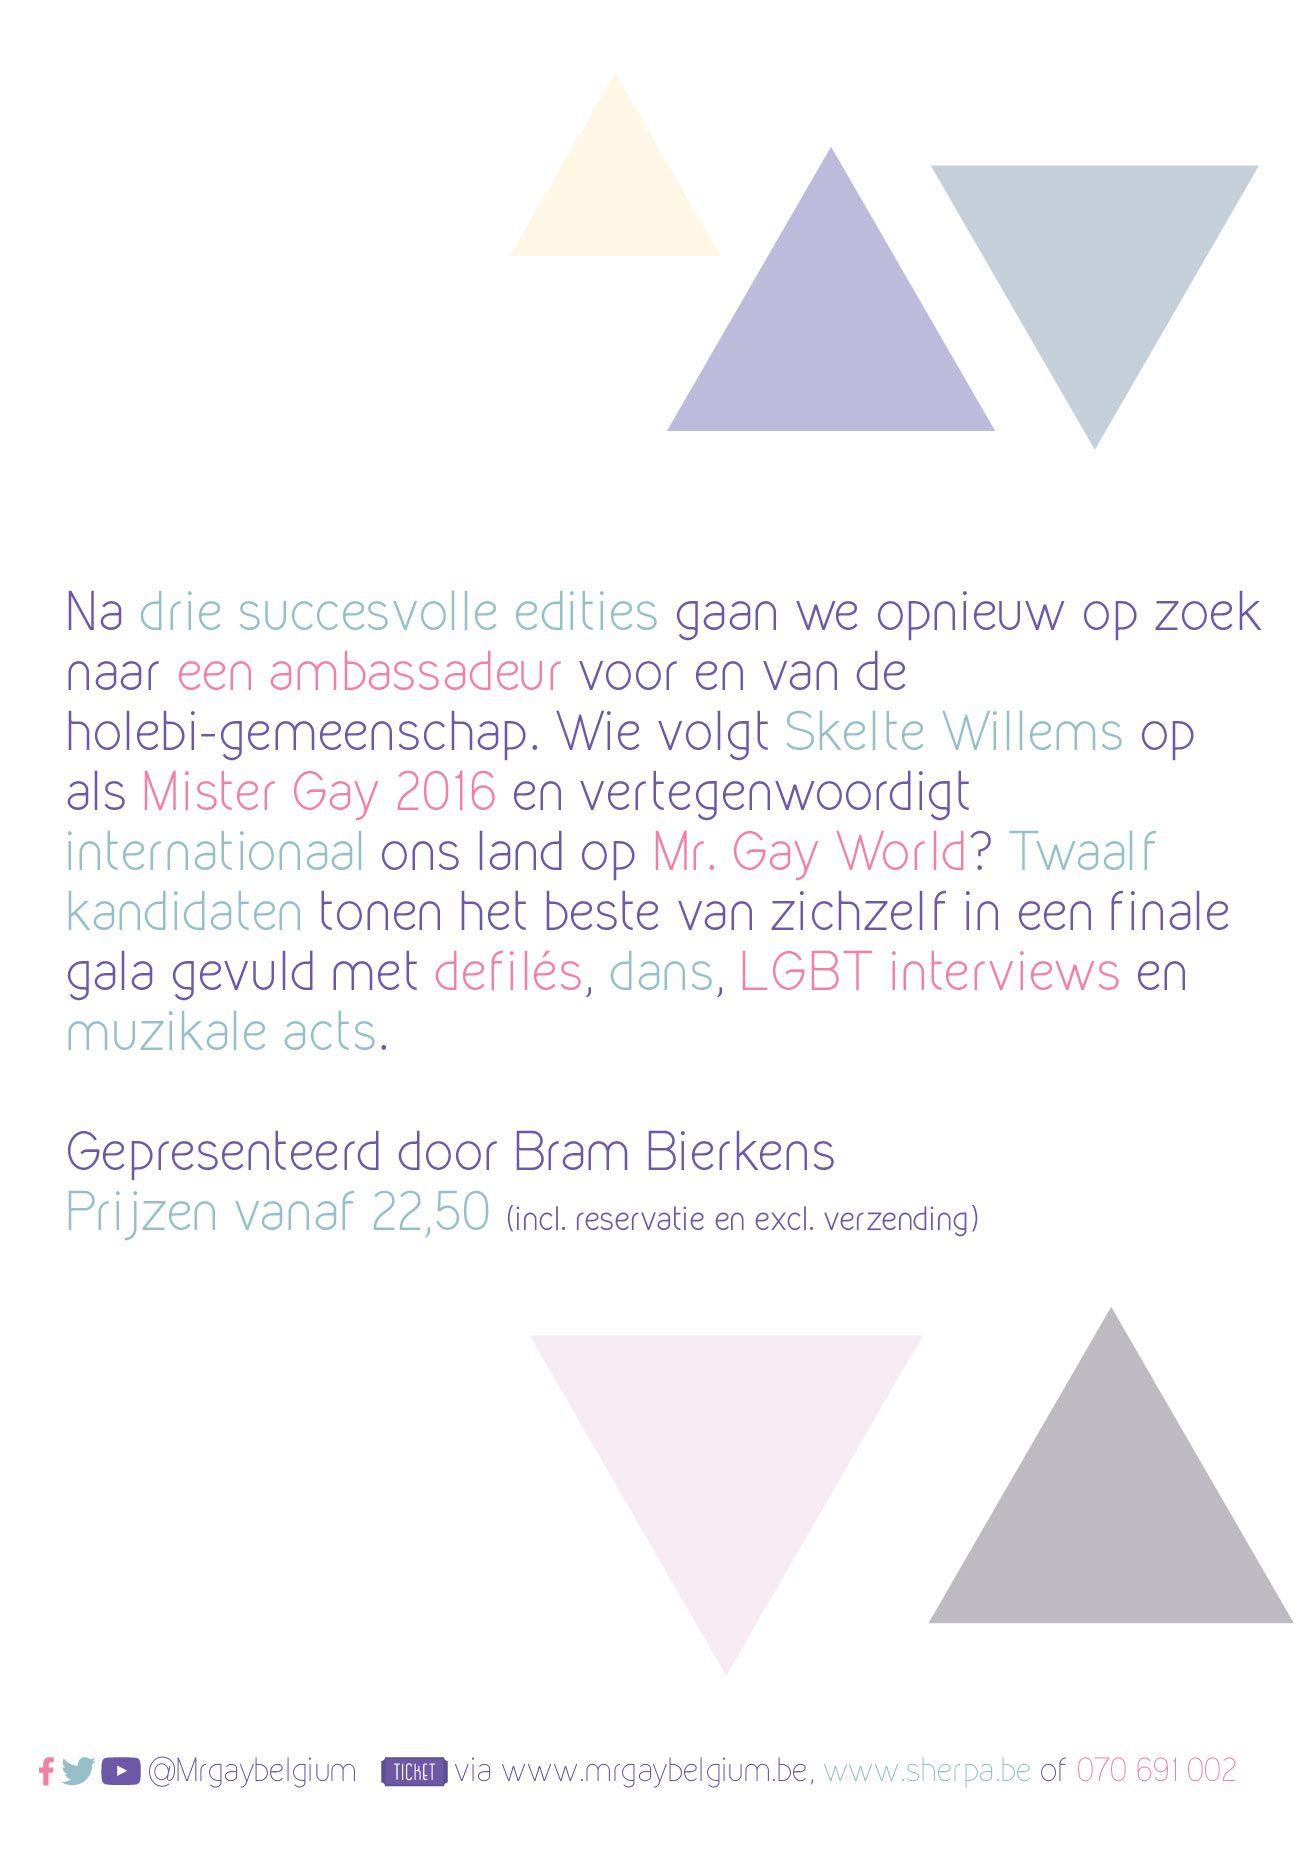 versie 2 achterkant (prijzen toegevoegd) van staande flyer